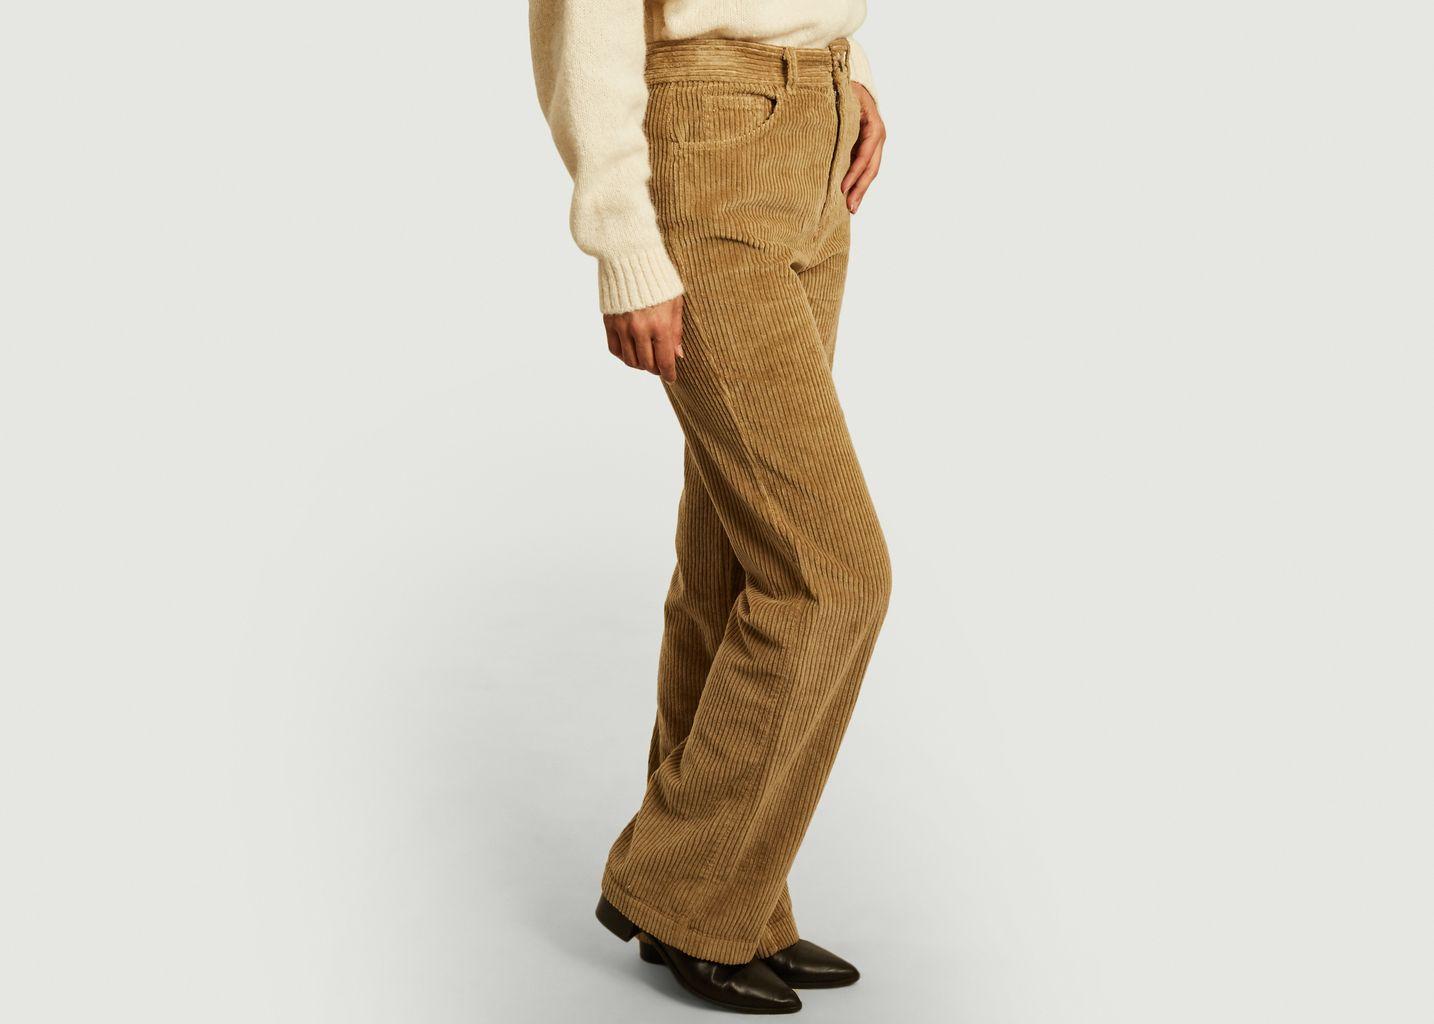 Pantalon Arvin en velours côtelé  - Masscob